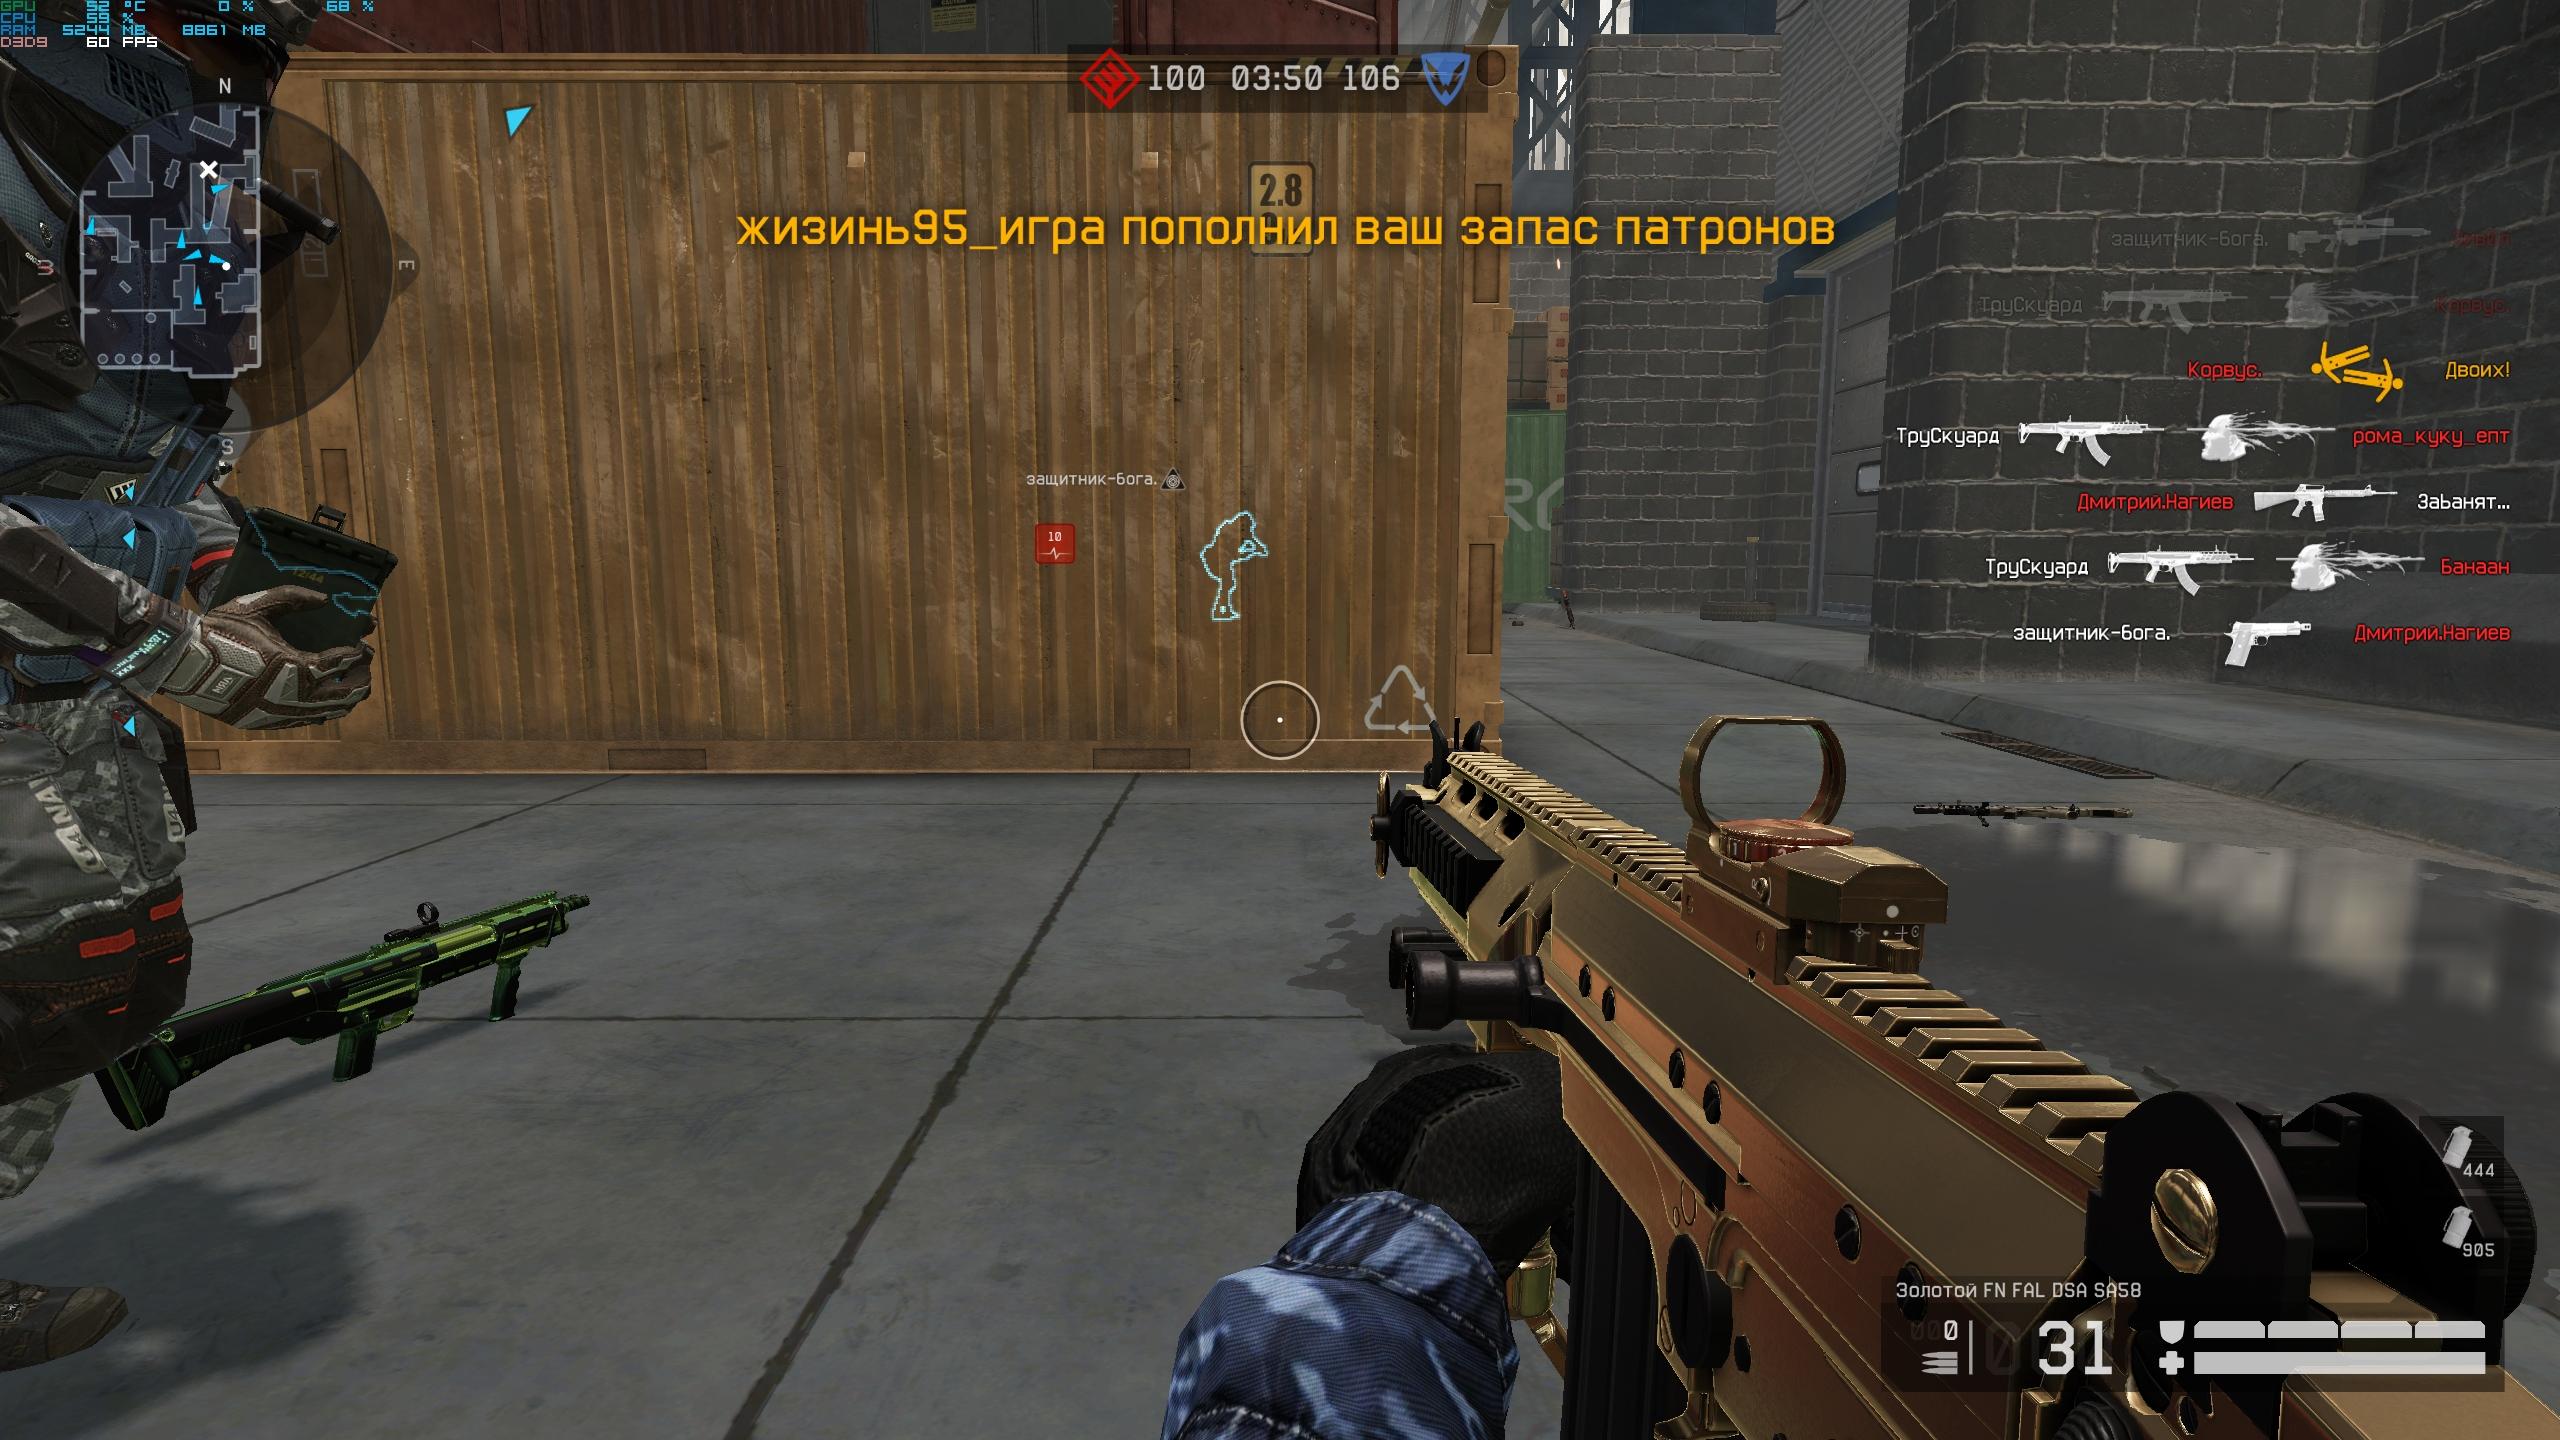 Game_2019_01_19_19_52_58_362.jpg - Warface